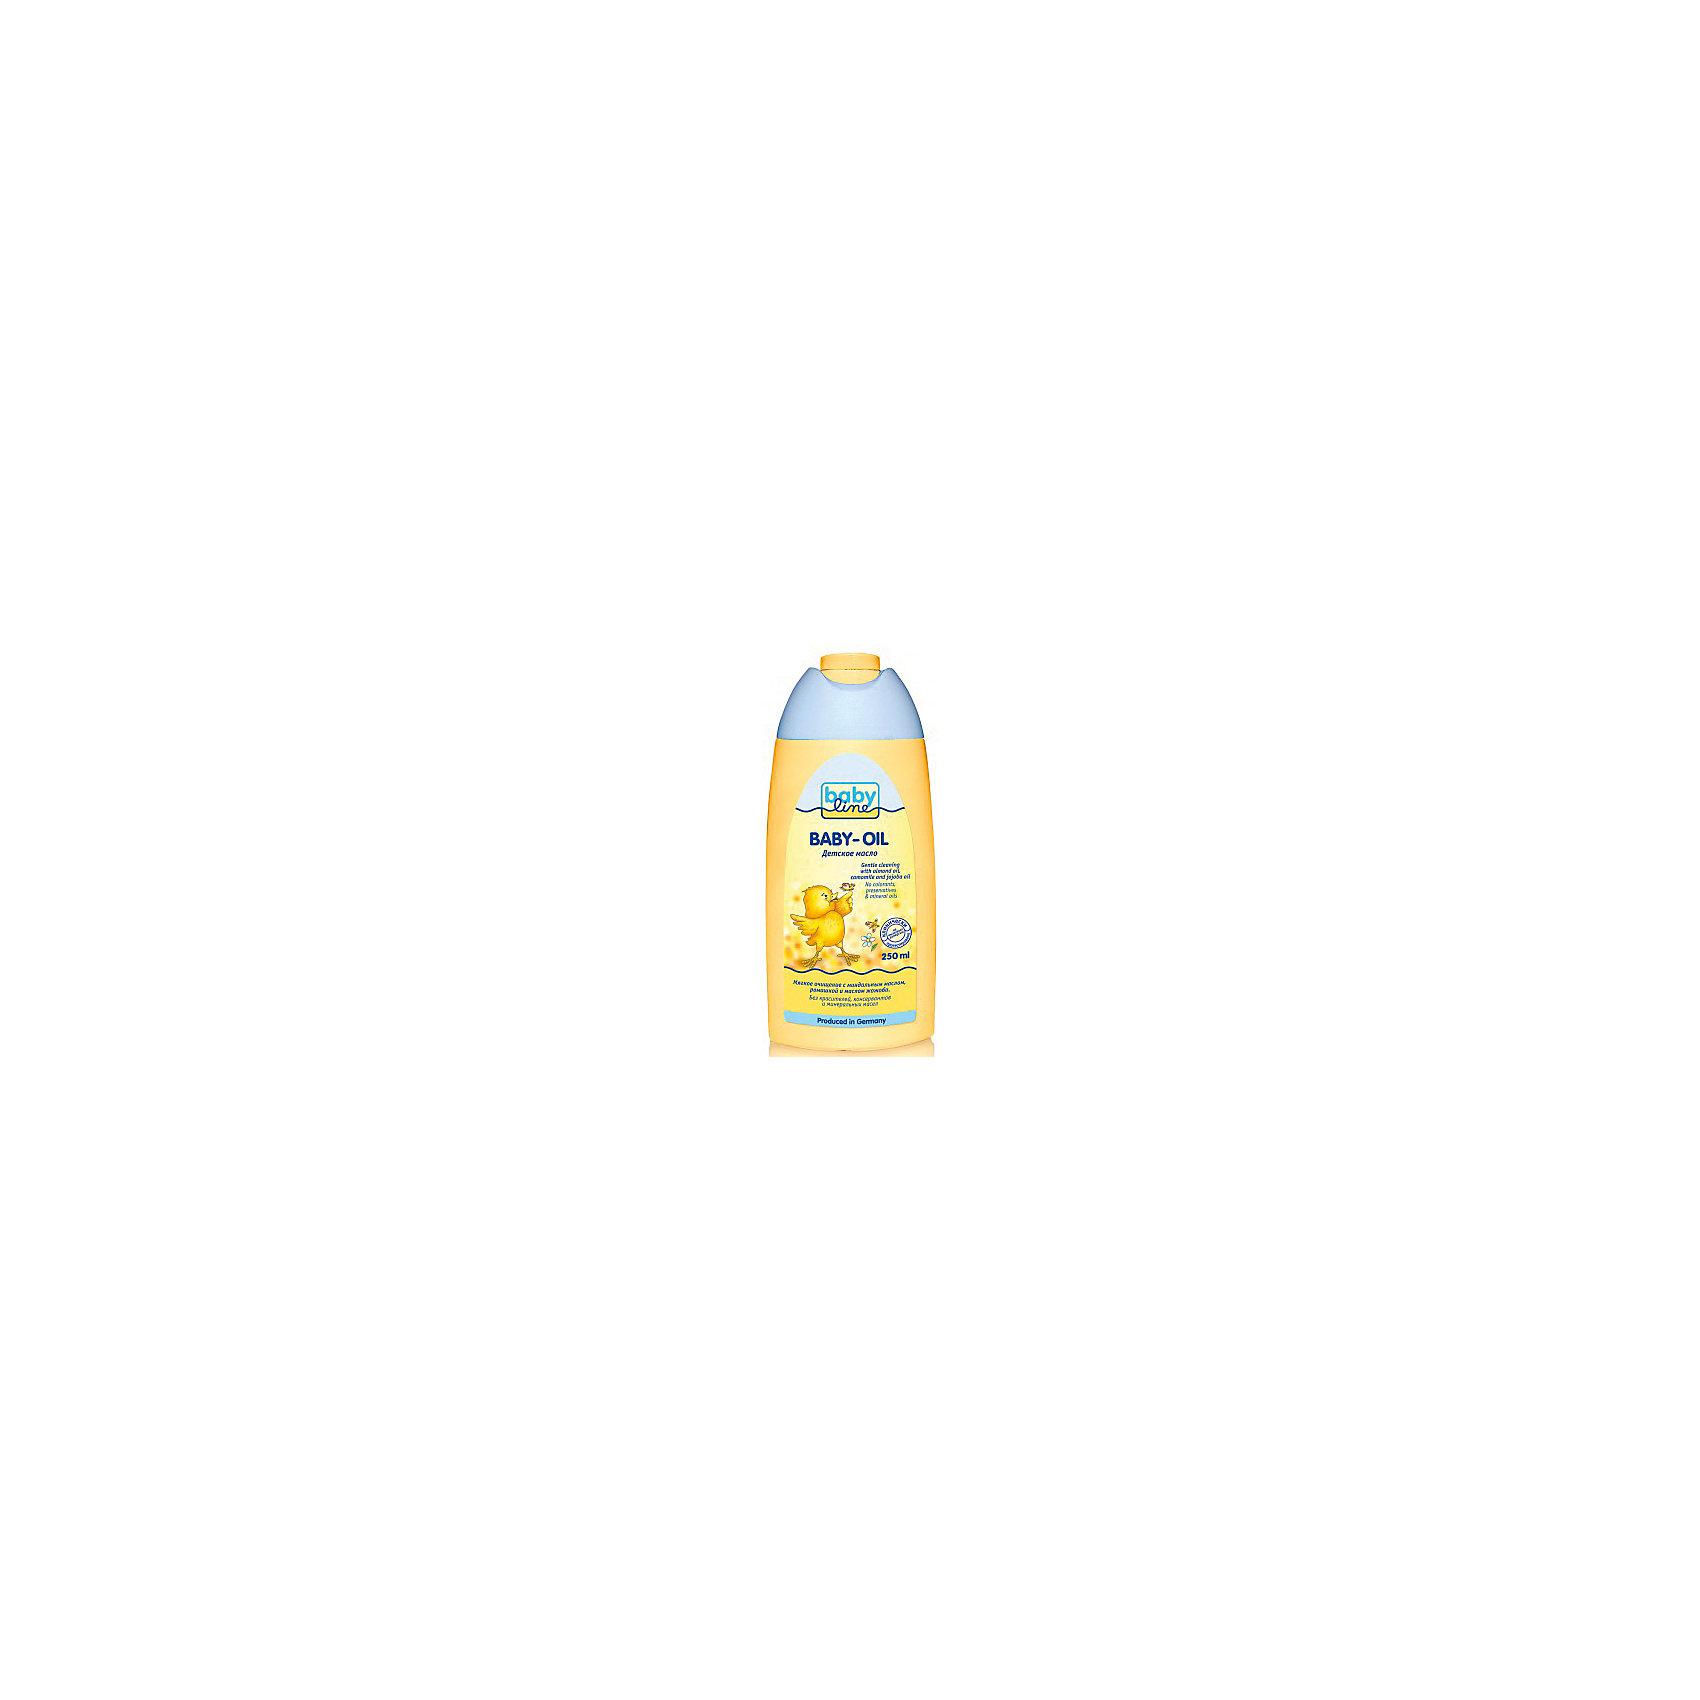 Детское масло, Babyline, 250 мл.Косметика для младенцев<br>Детское масло, 250 мл.. С миндальным маслом, ромашкой и маслом жожоба.  Не содержит красителей, консервантов и минеральных масел.<br><br>Ширина мм: 80<br>Глубина мм: 38<br>Высота мм: 178<br>Вес г: 308<br>Возраст от месяцев: 0<br>Возраст до месяцев: 36<br>Пол: Унисекс<br>Возраст: Детский<br>SKU: 4729801